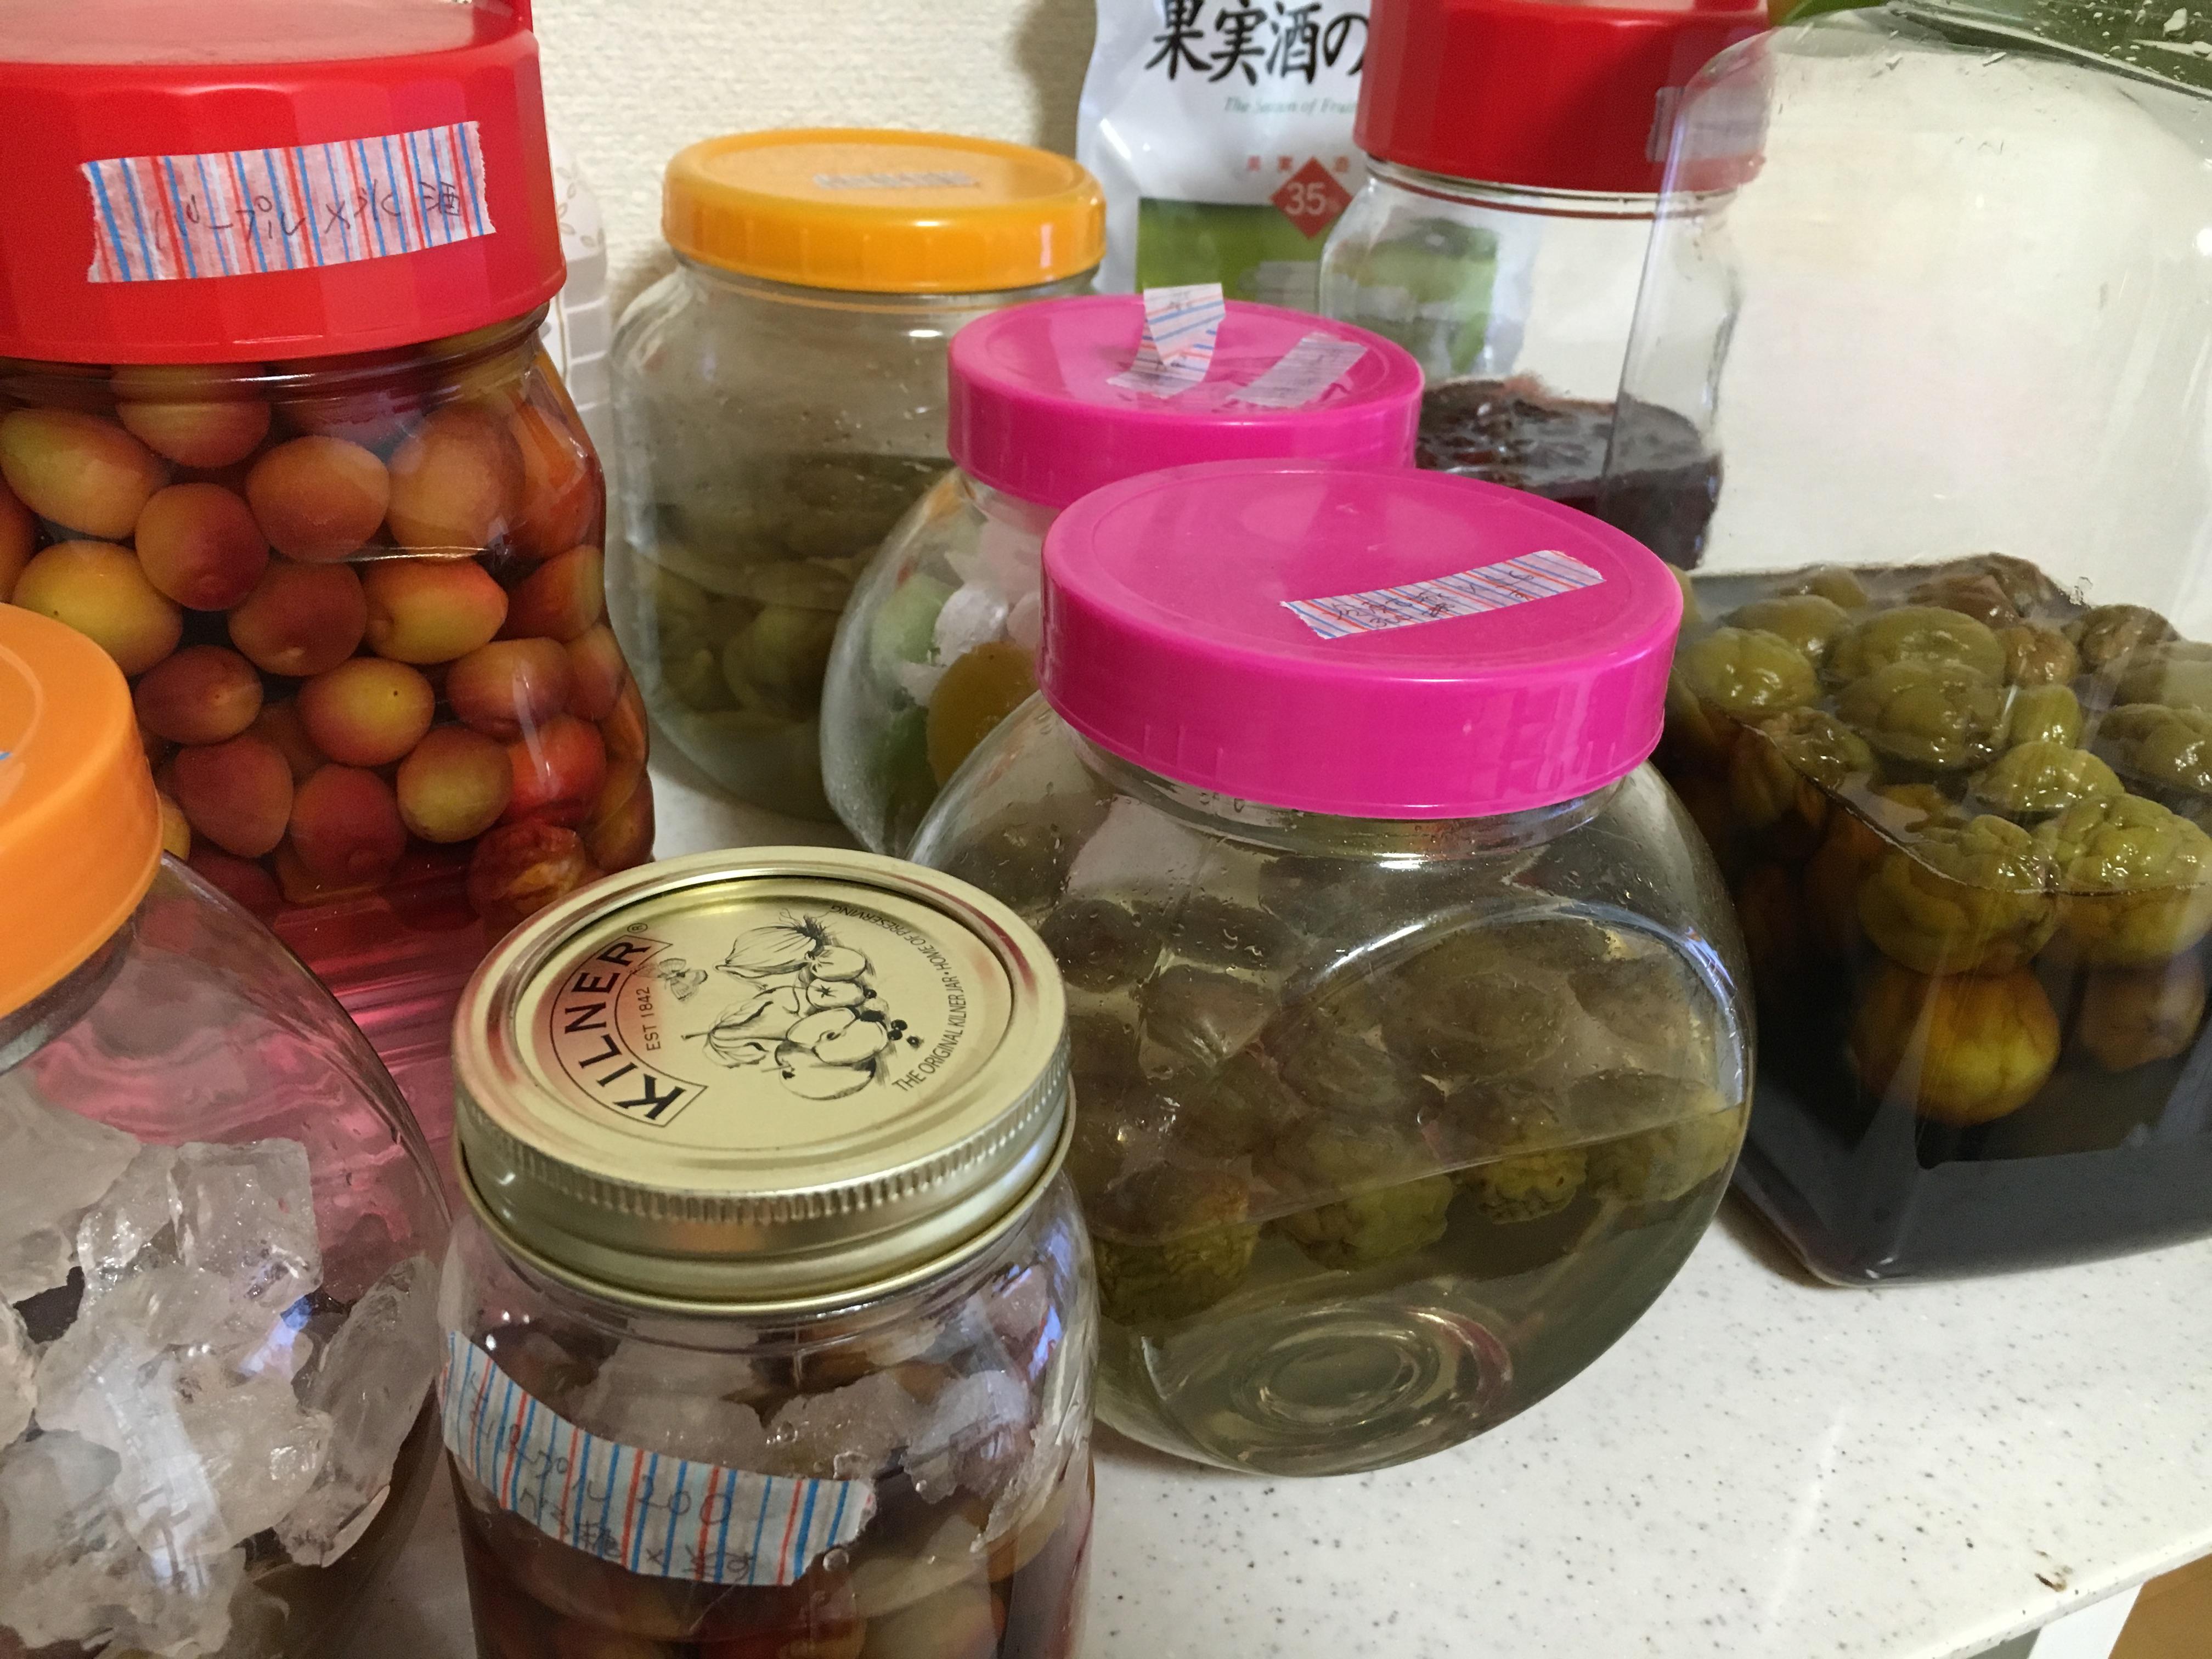 梅の実を食べる、梅の砂糖漬け。カリカリの食感が美味しい。